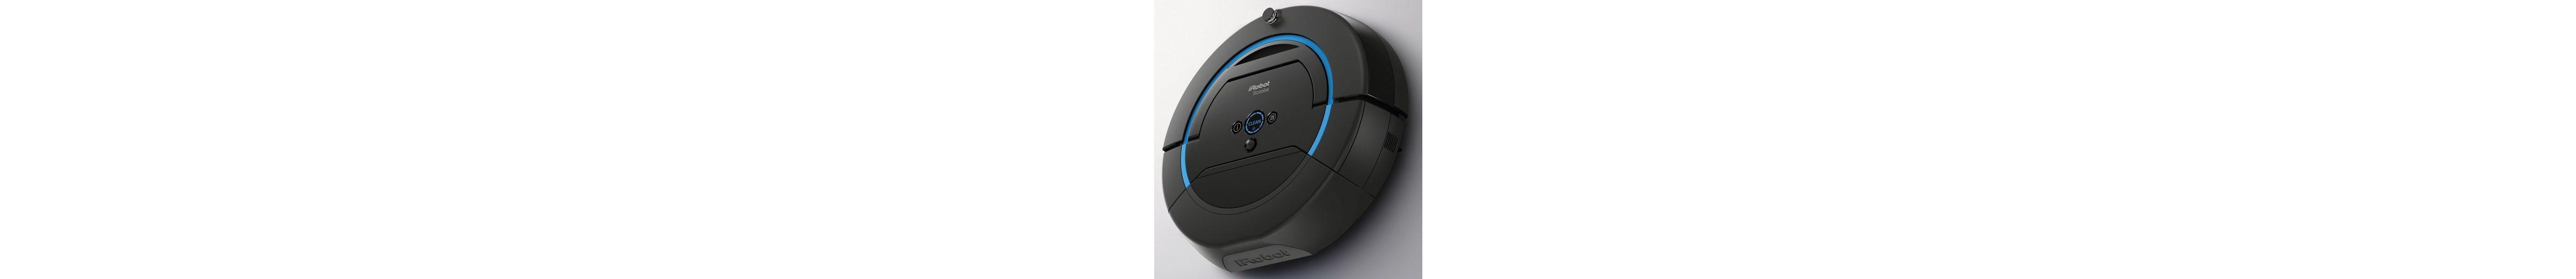 iRobot Nasswisch-Roboter Scooba 450